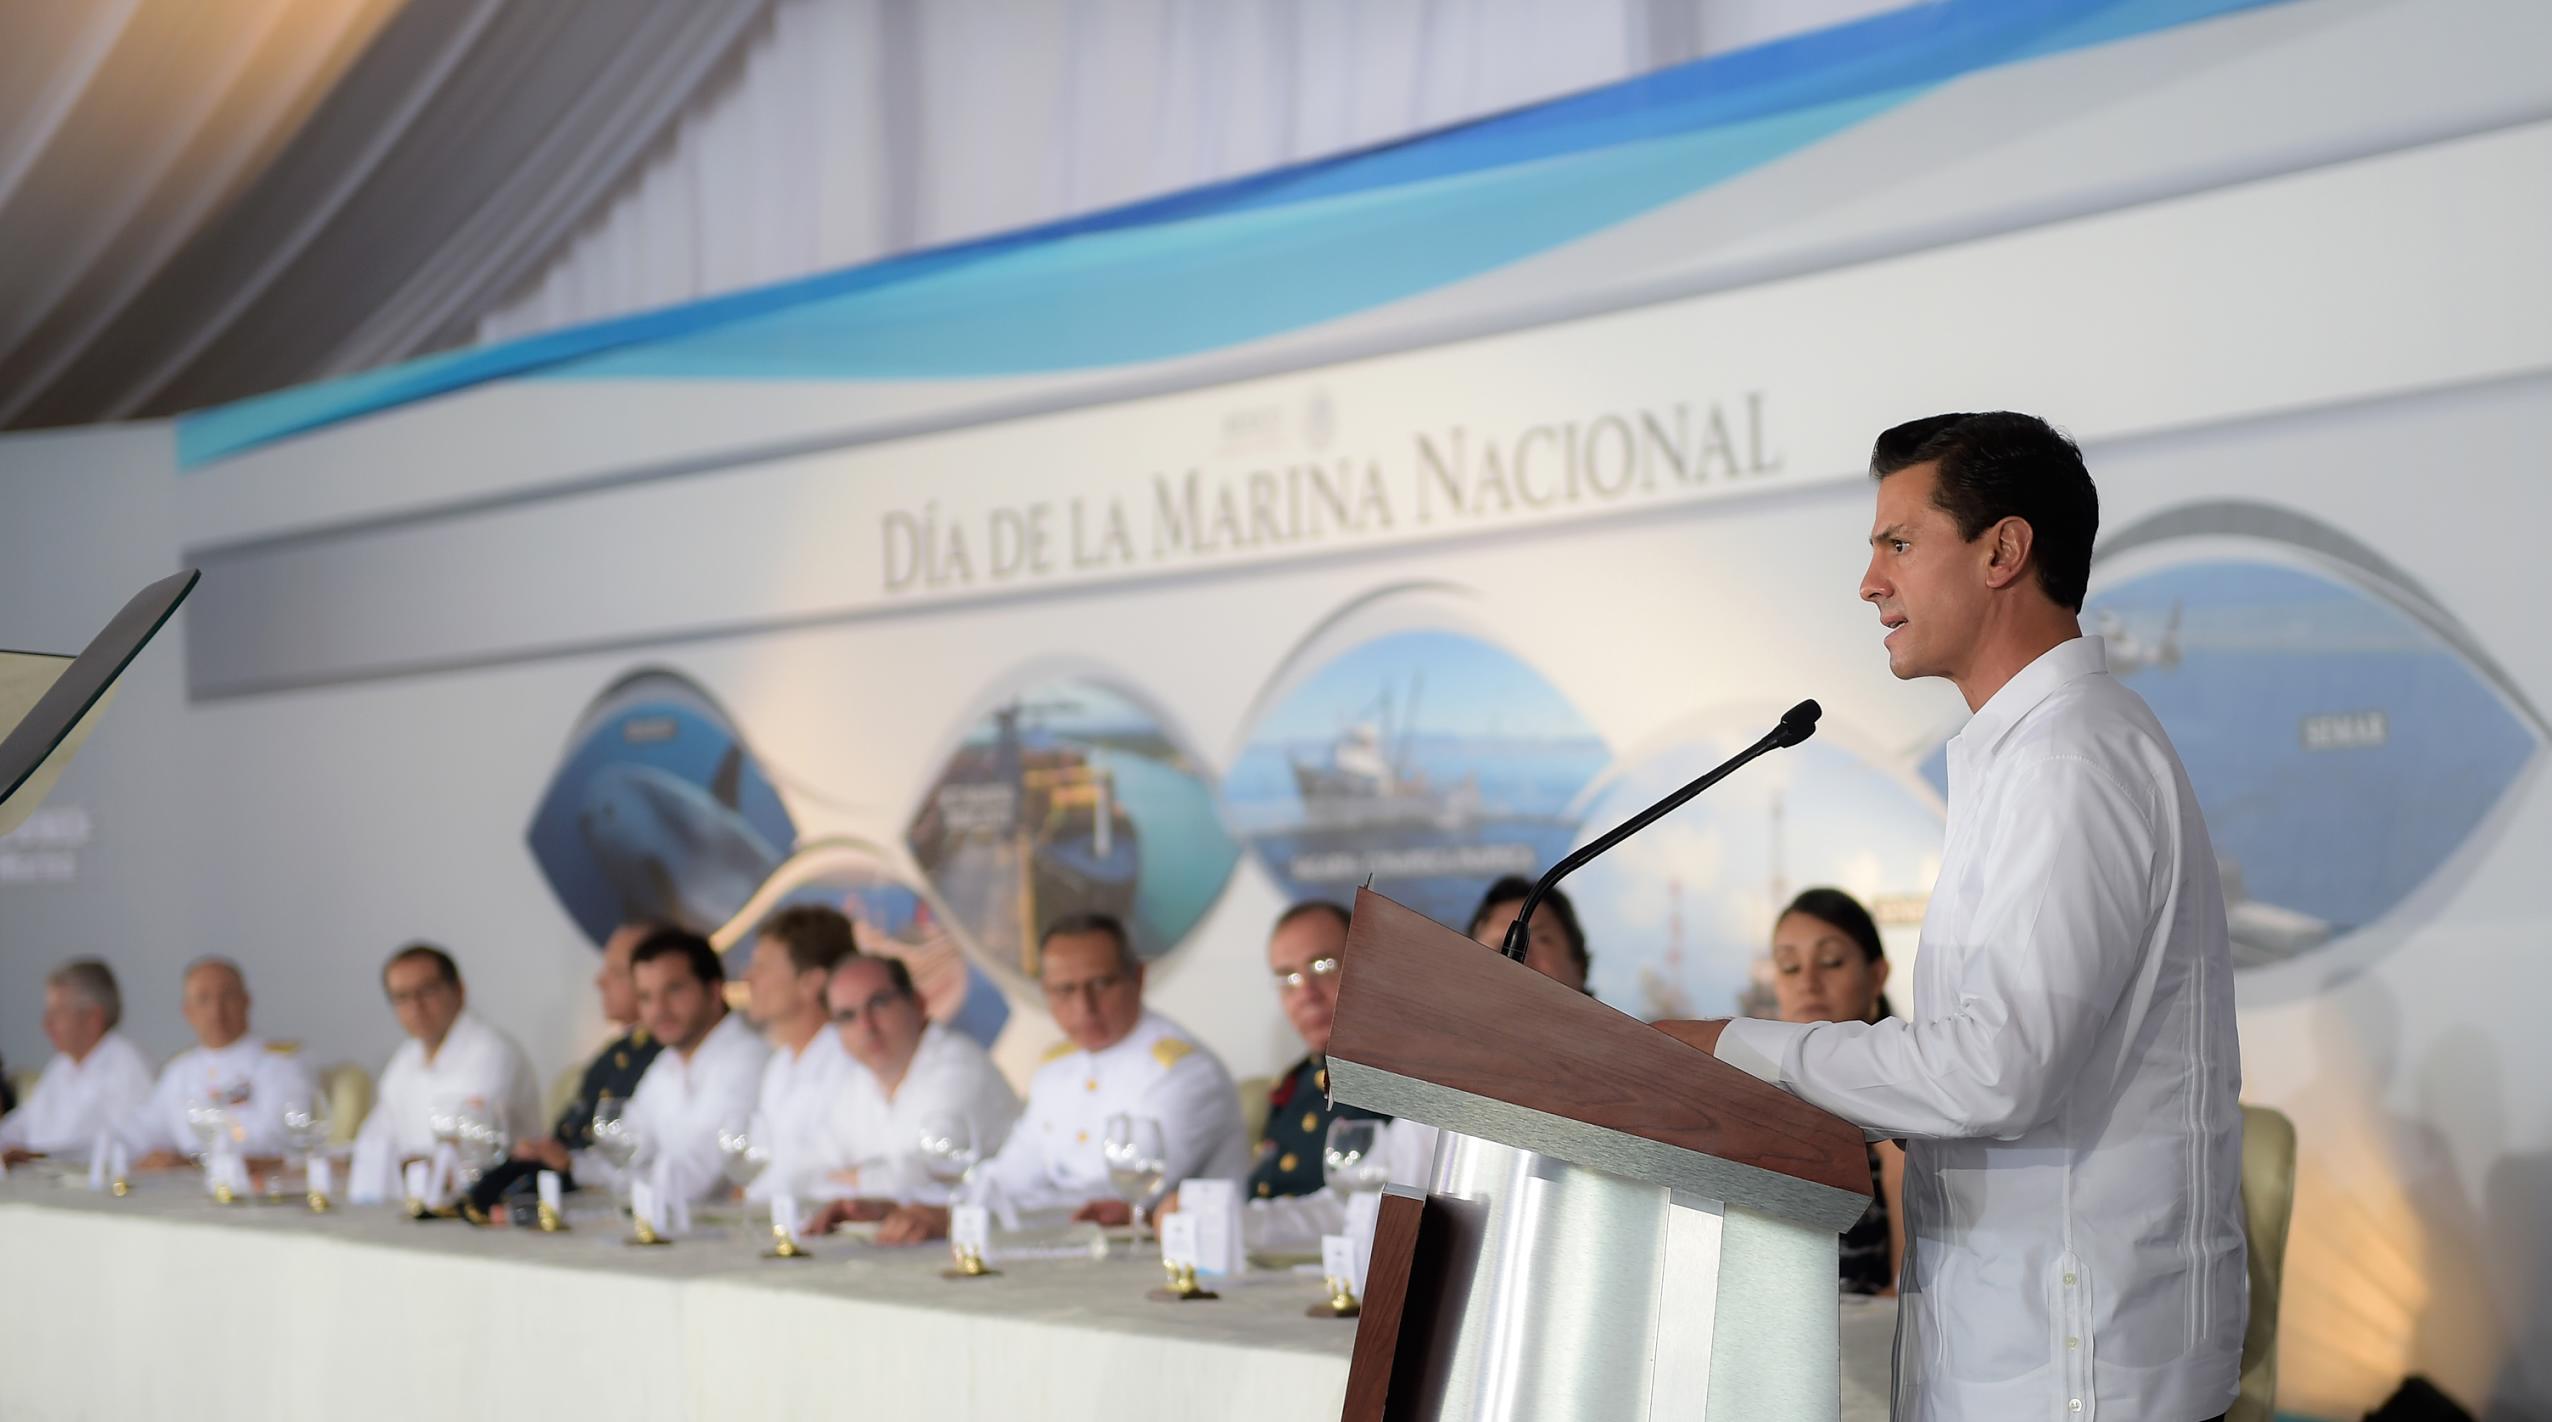 """""""La marina nacional es clave para que nuestro país se consolide como un referente mundial del comercio, la competitividad logística y el turismo"""": EPN"""